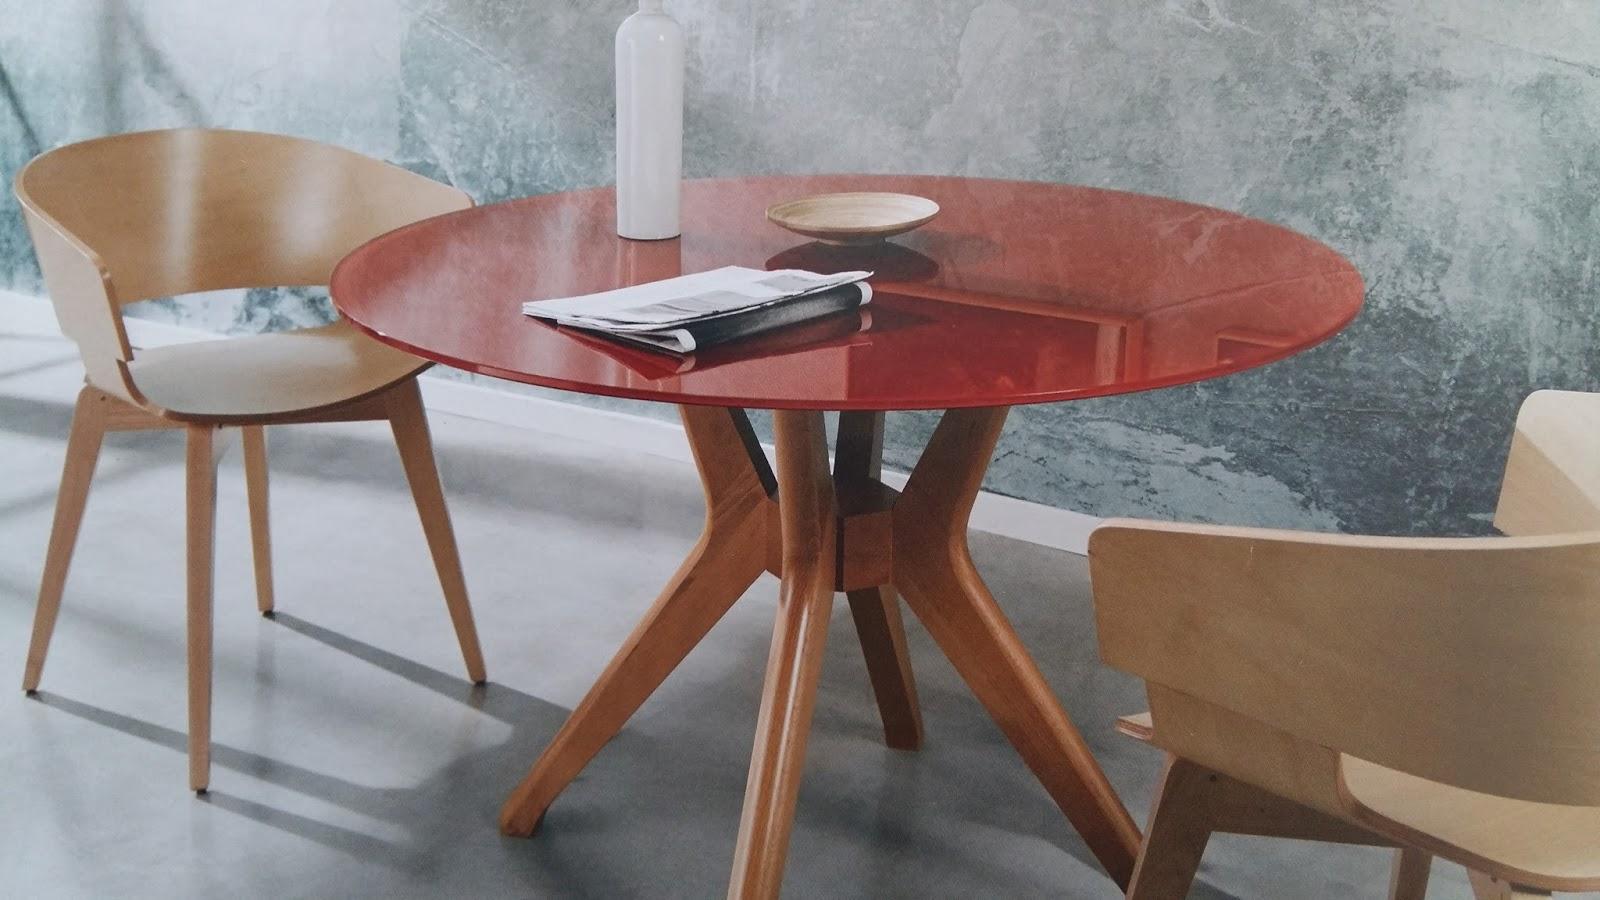 PLATHOO | Diseño de cocinas y baños 3D |: Mesas, sillas y taburetes ...